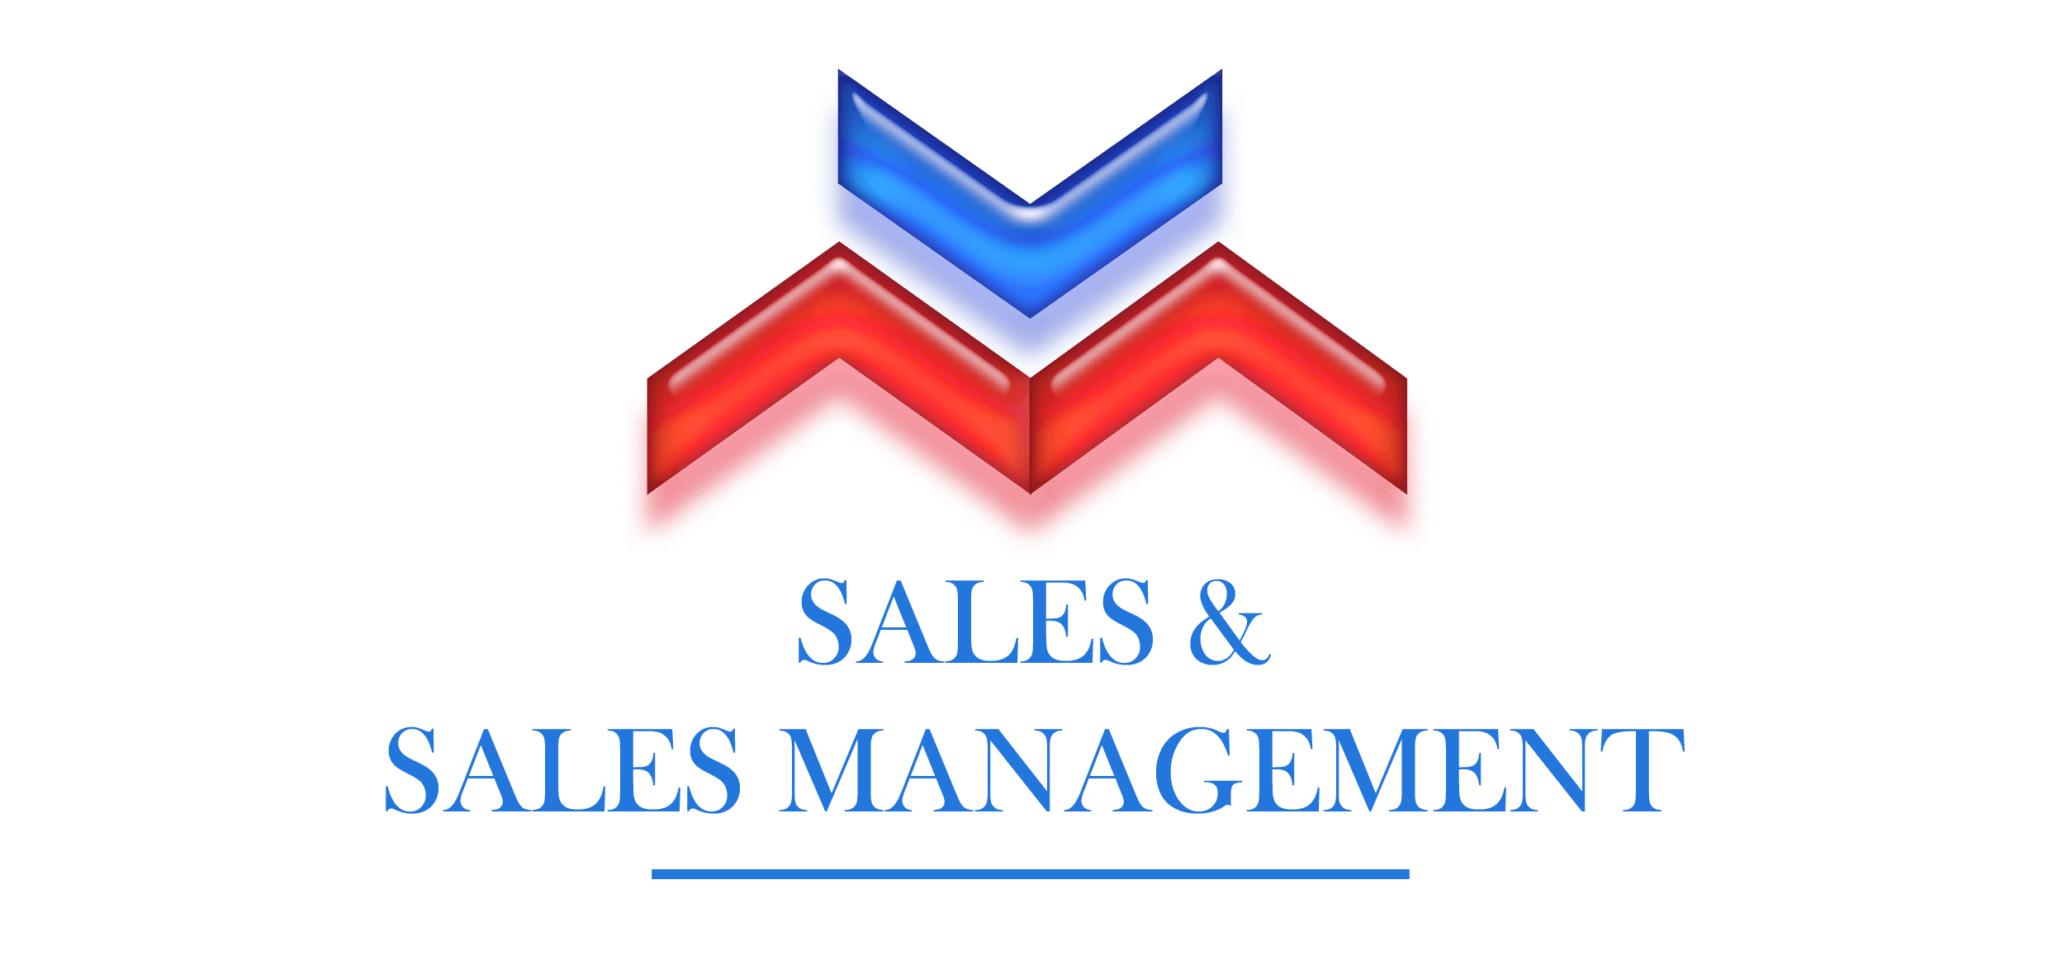 Sales & Sales Management by Matrix Development